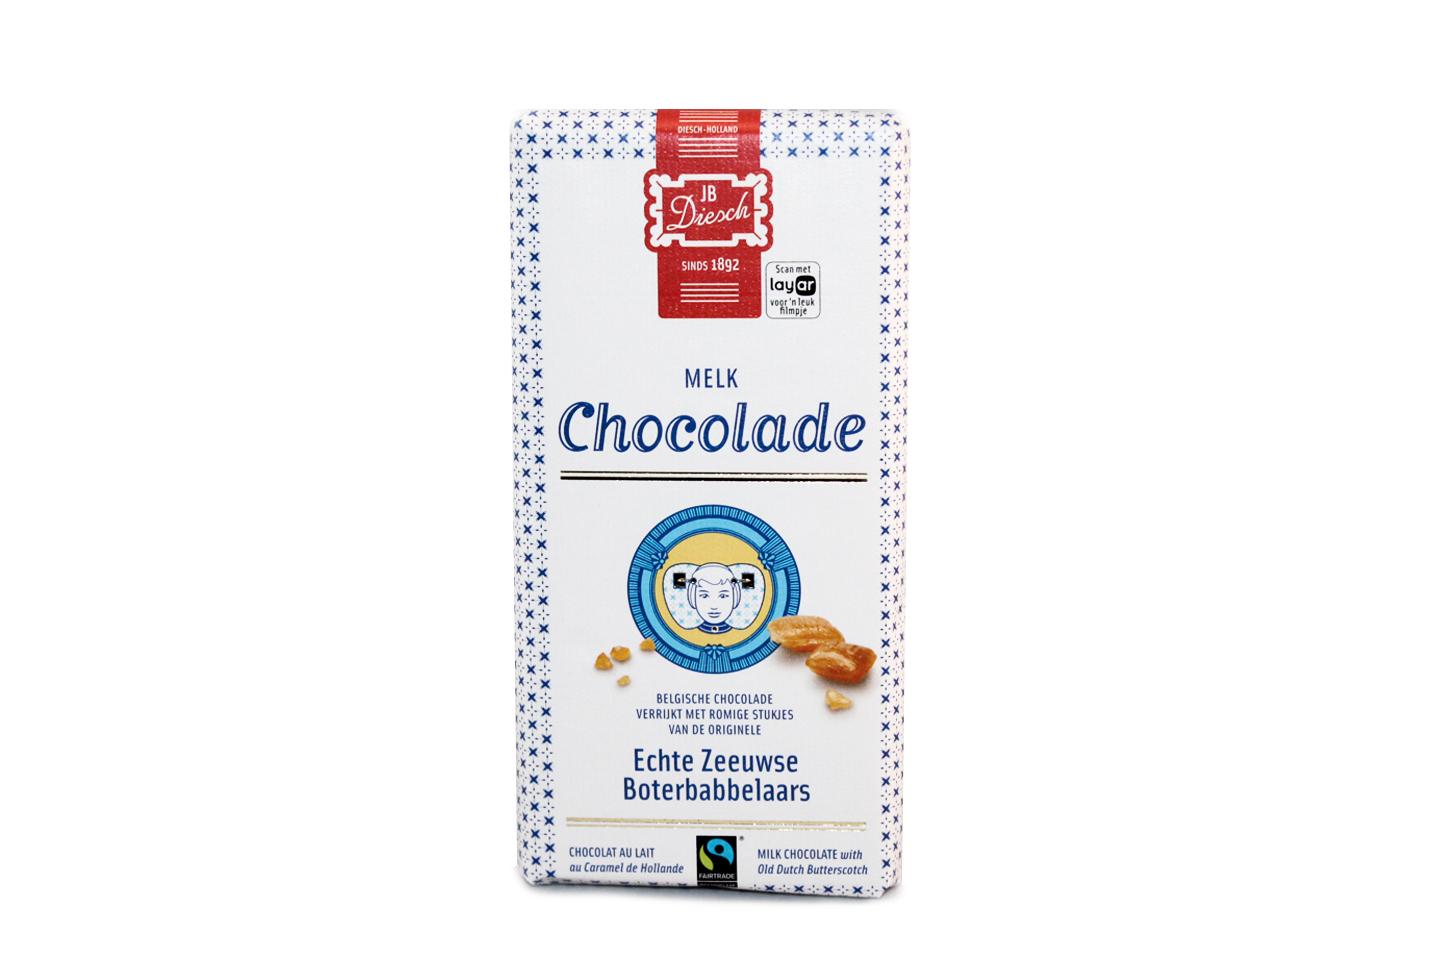 Melk chocolade met babbelaar